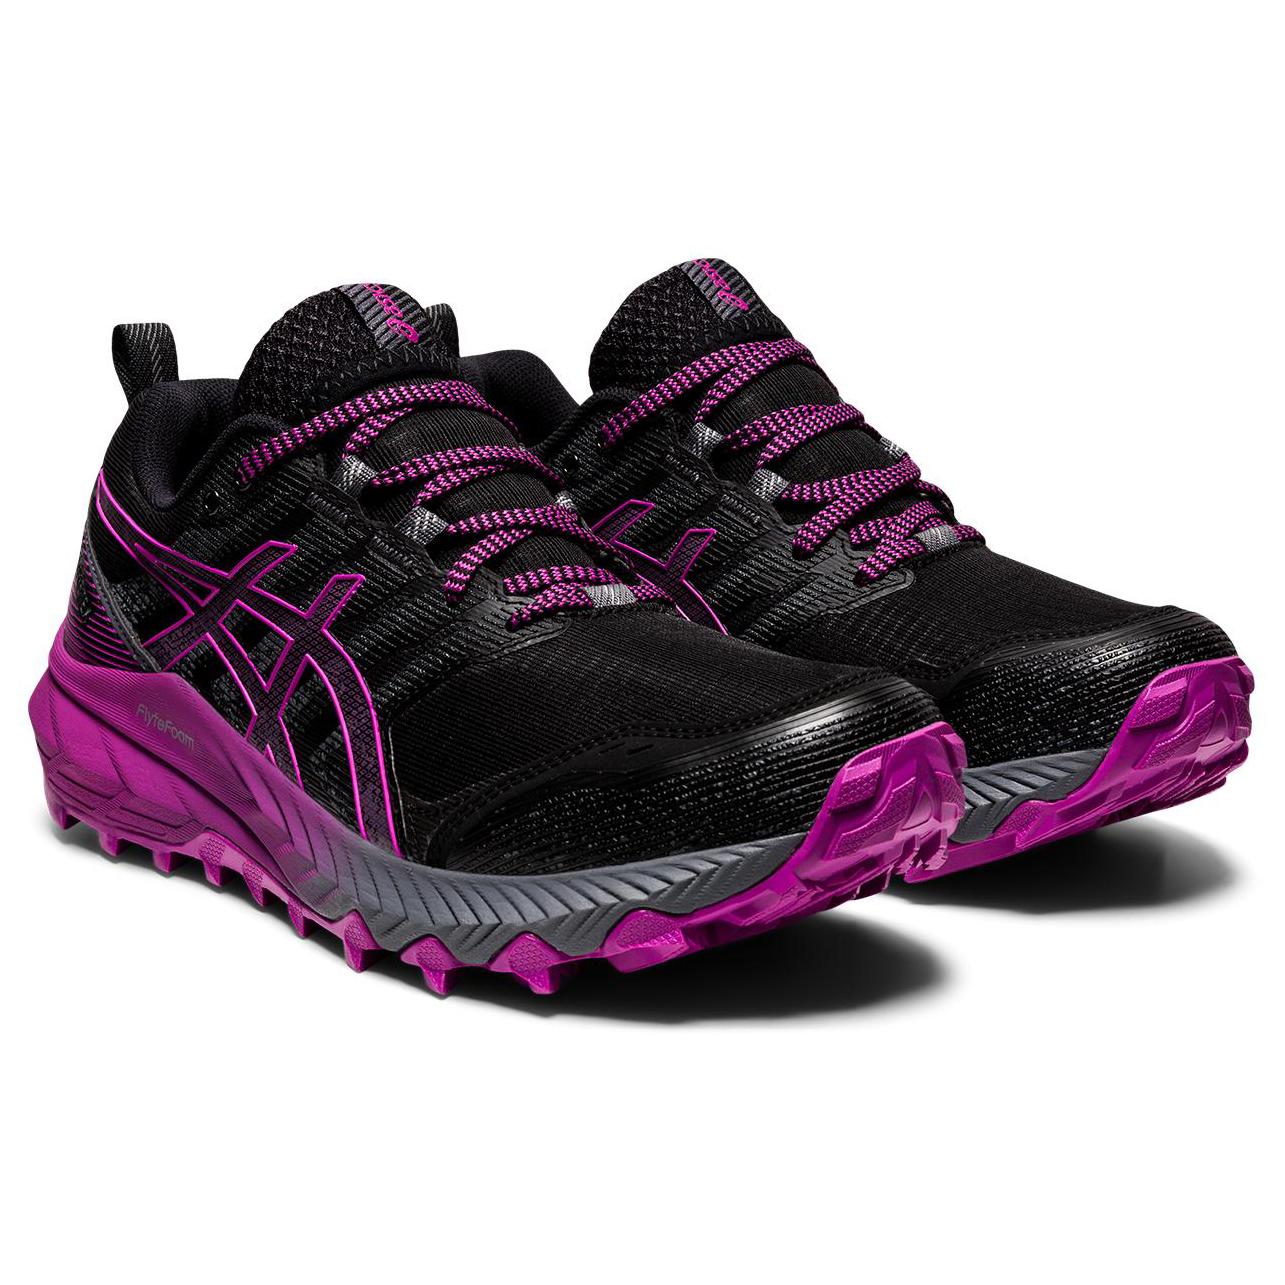 Asics Gel-Trabuco 9 GTX - Trail running shoes Women's | Free EU ...